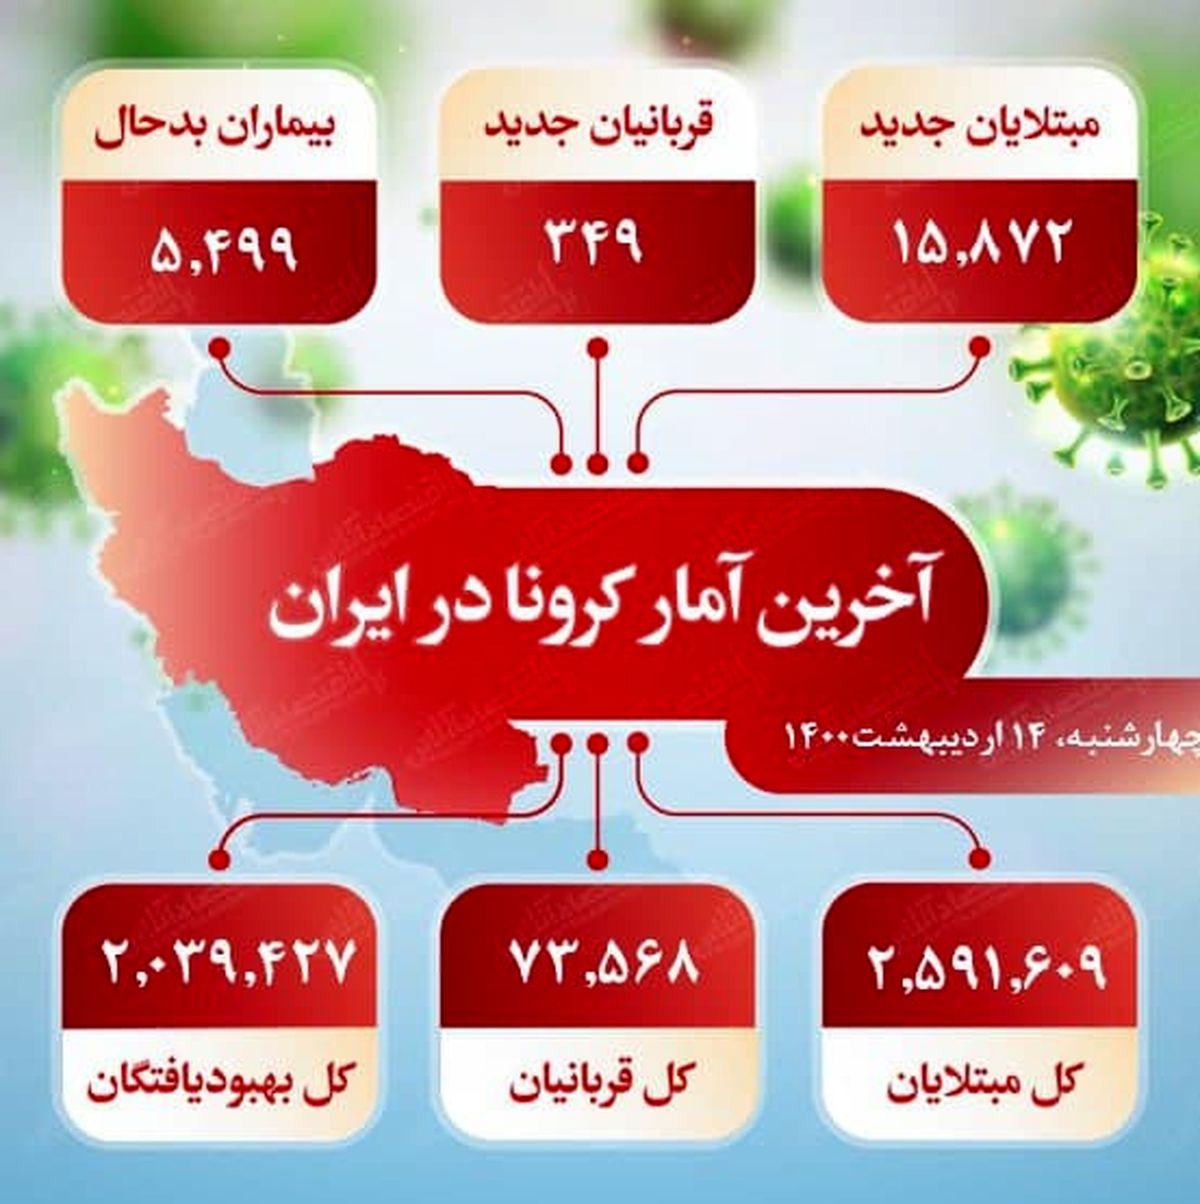 آخرین آمار کرونا در ایران (۱۴۰۰/۲/۱۵)